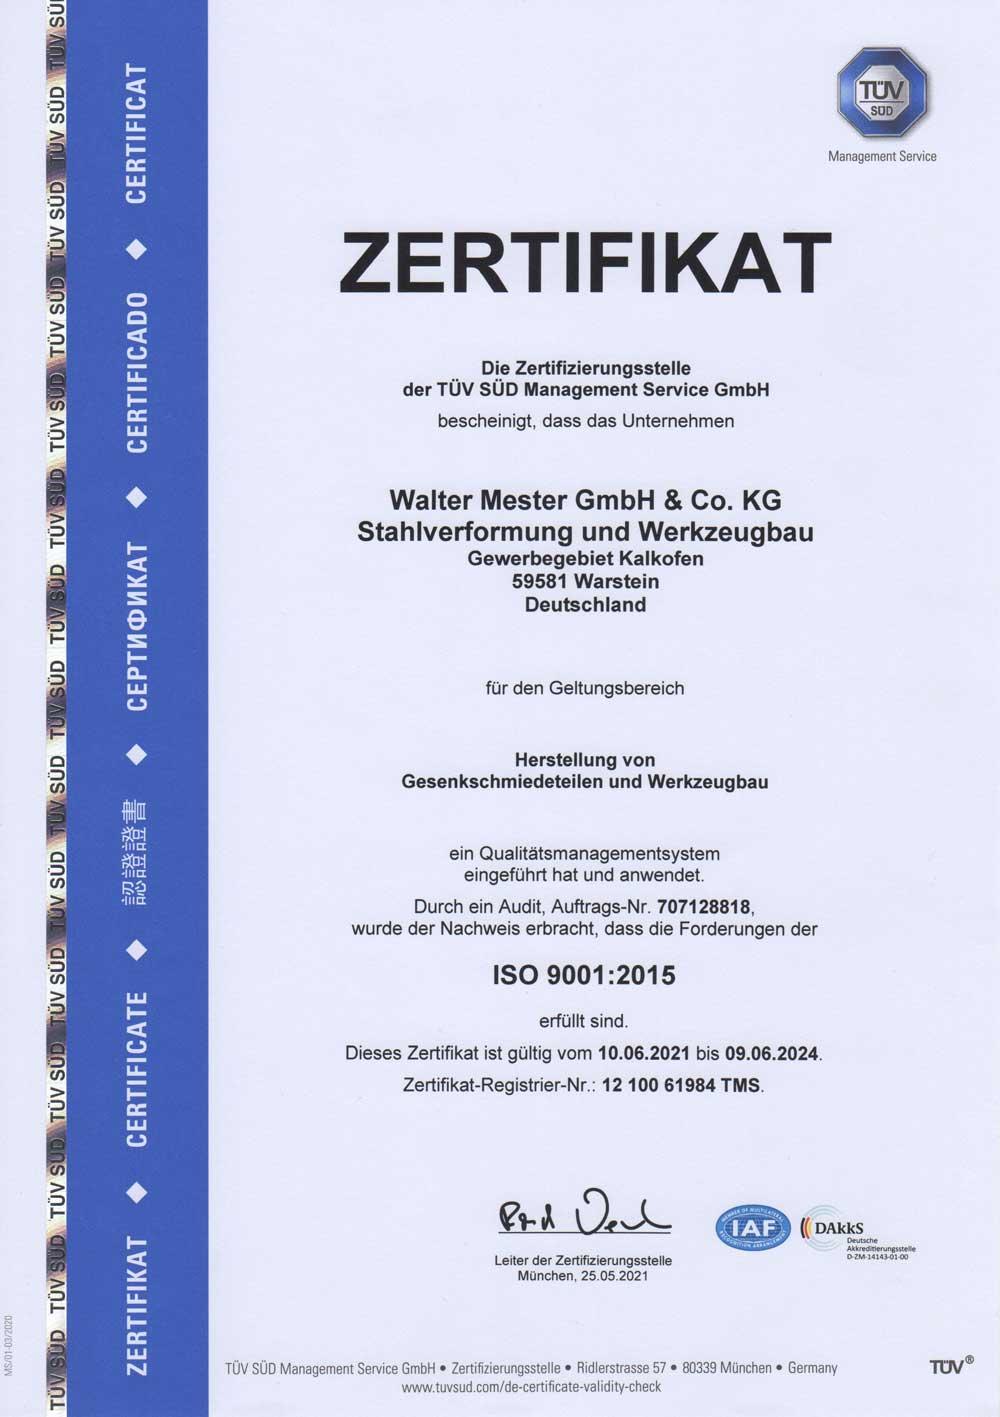 zertifikat-2021-web